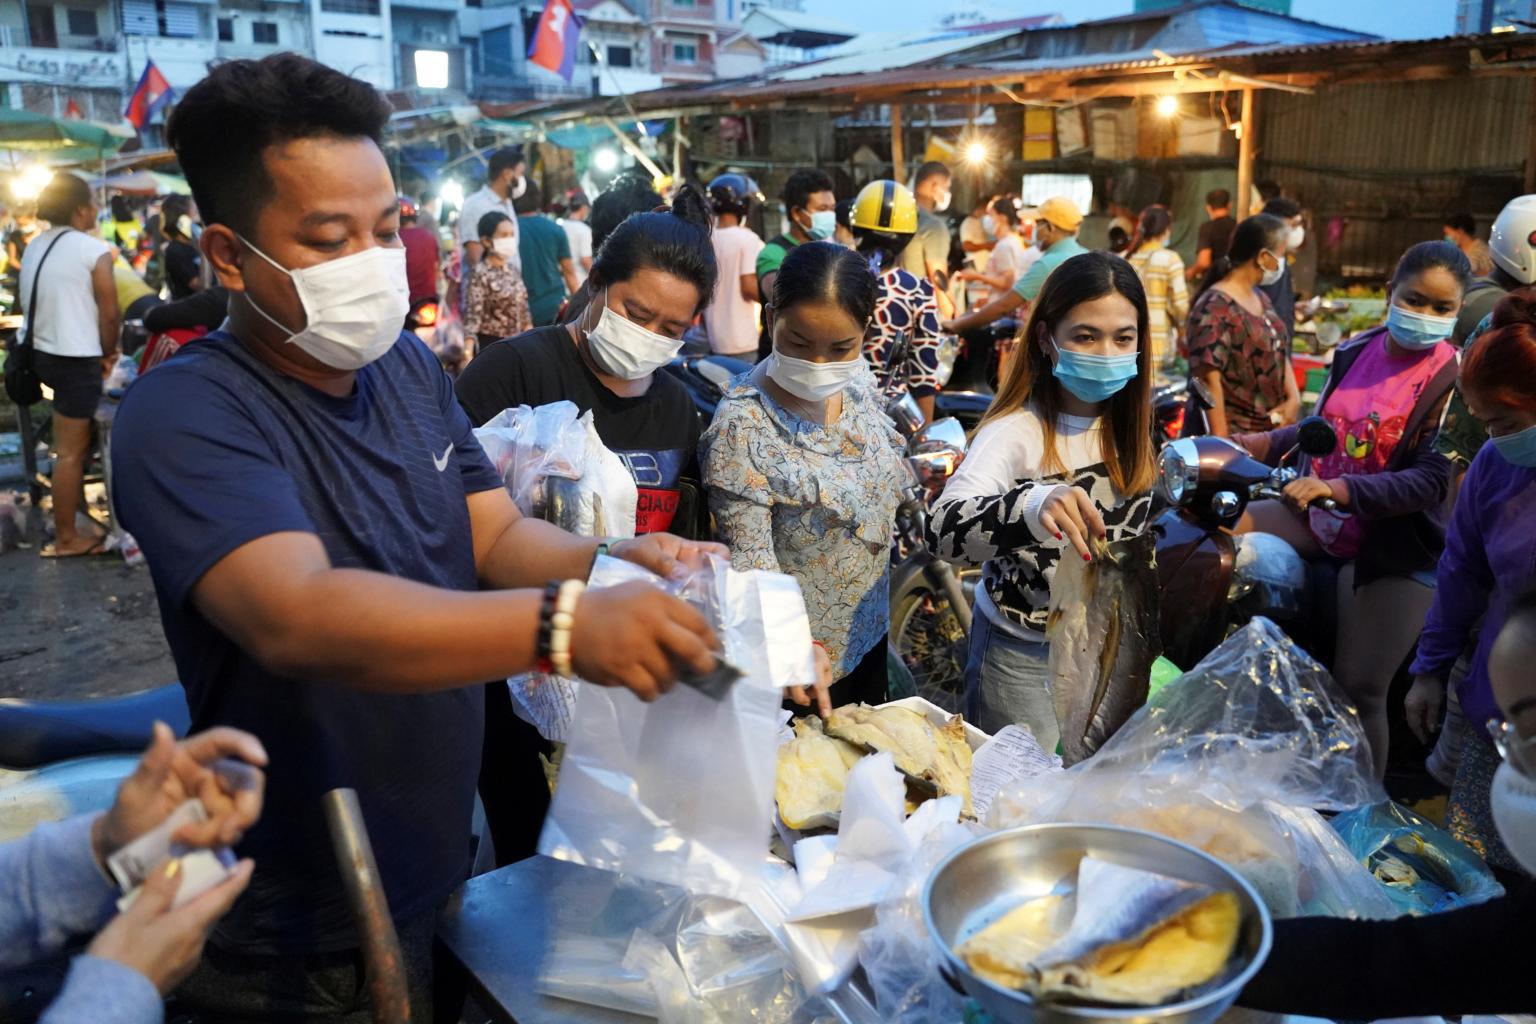 Số ca nhiễm tăng cao, Campuchia trưng dụng hội trường đám cưới cho bệnh nhân COVID-19 - Ảnh 3.